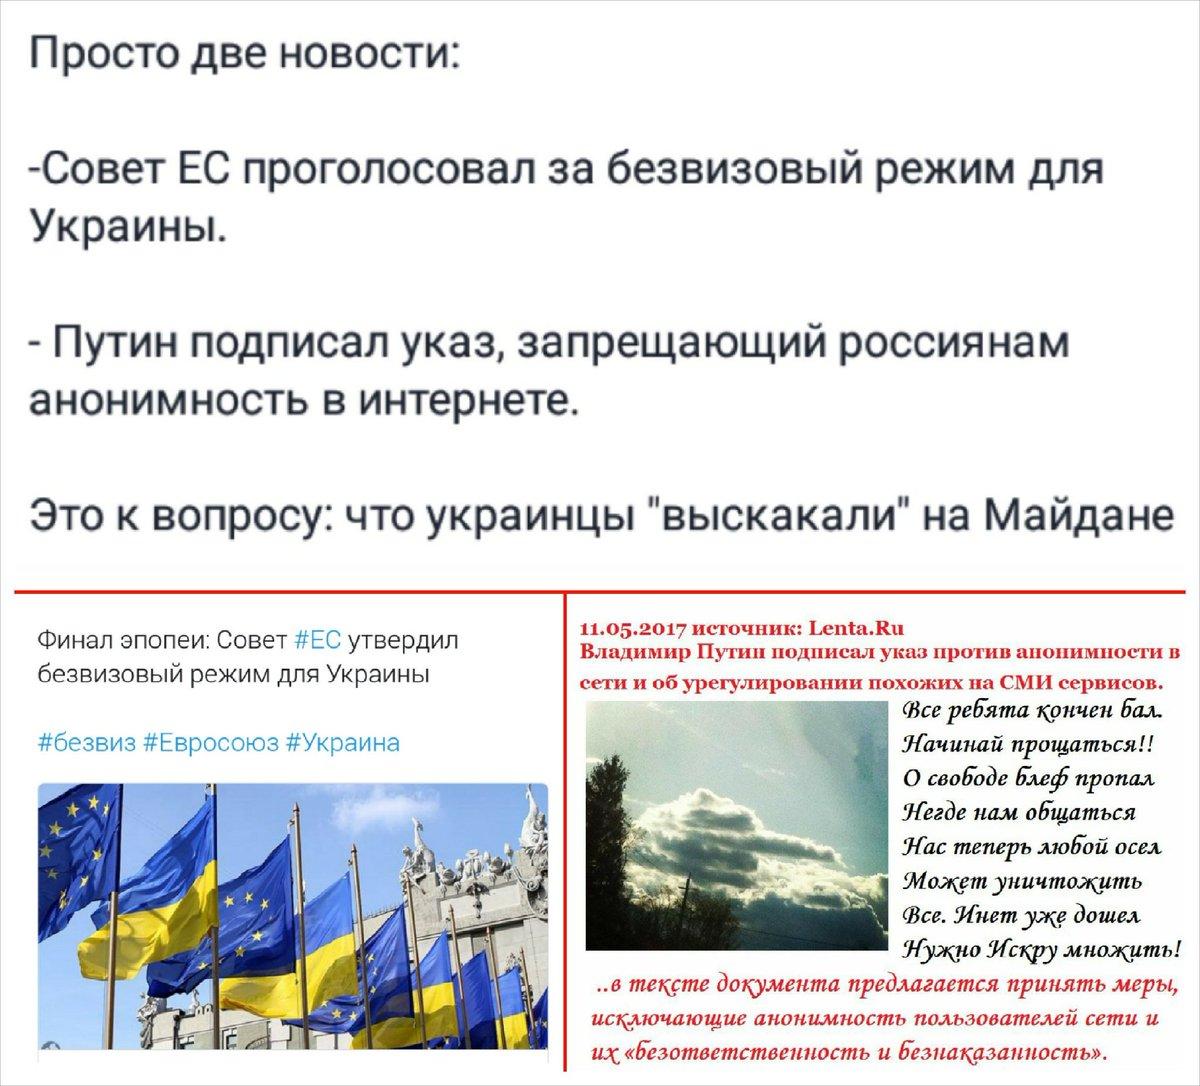 В поддержку безвиза в областных центрах вывешивают флаги ЕС и Украины - Цензор.НЕТ 8488